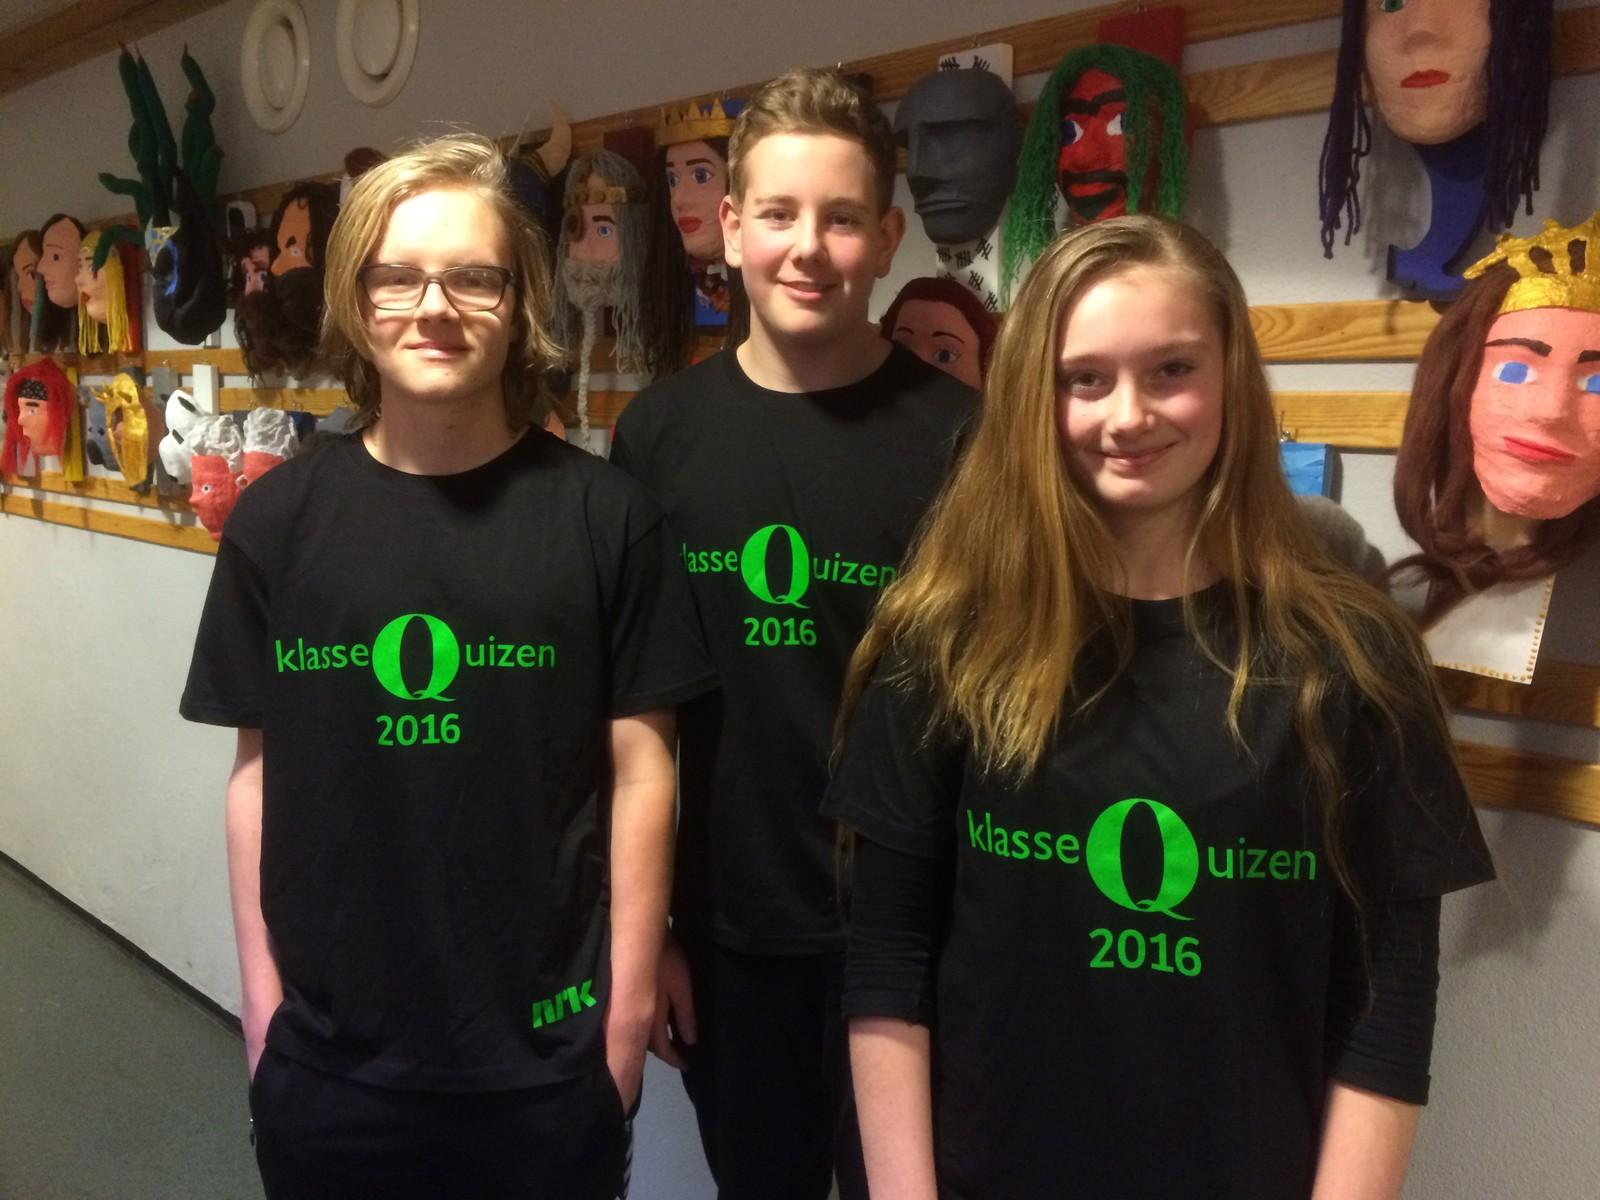 Tynset ungdomsskole fikk åtte rette. F.v. Simen Nordhaug, Kristian Westum og Kristina Horten.